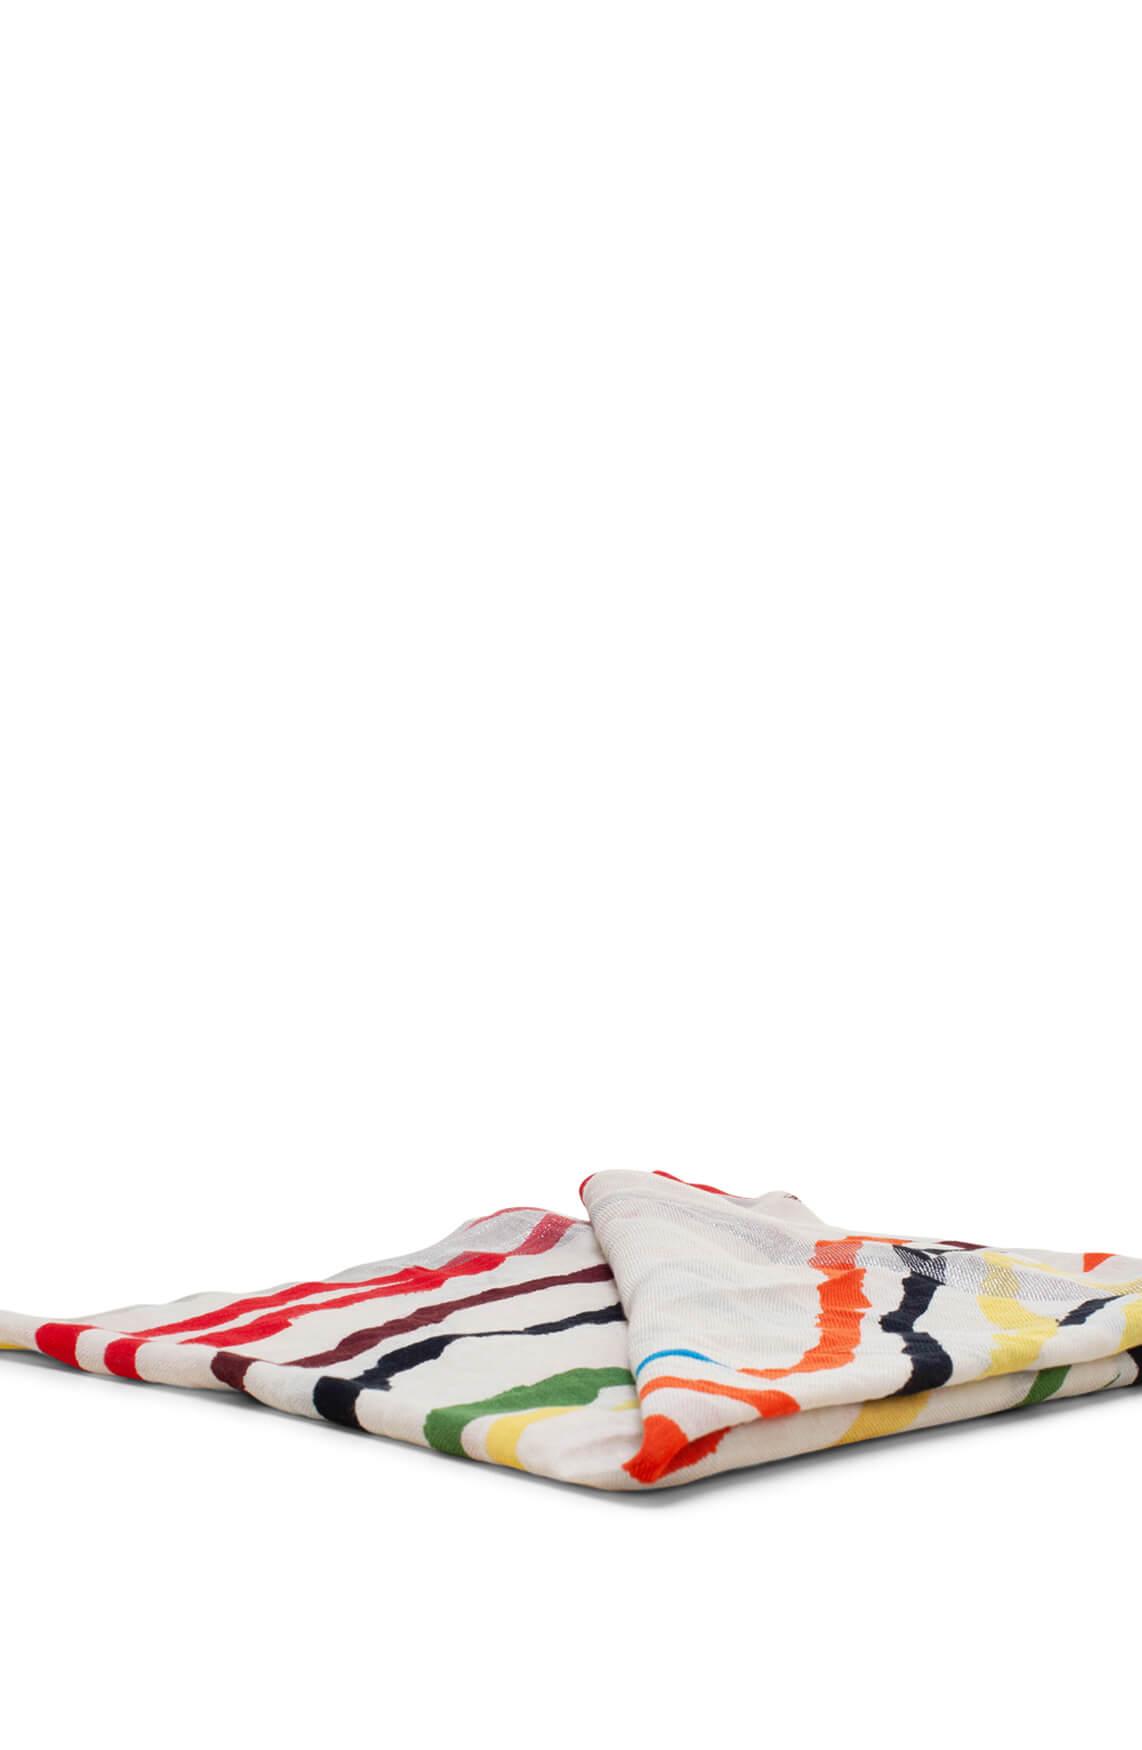 Moment by Moment Dames Shawl met een gekleurde streepprint Ecru